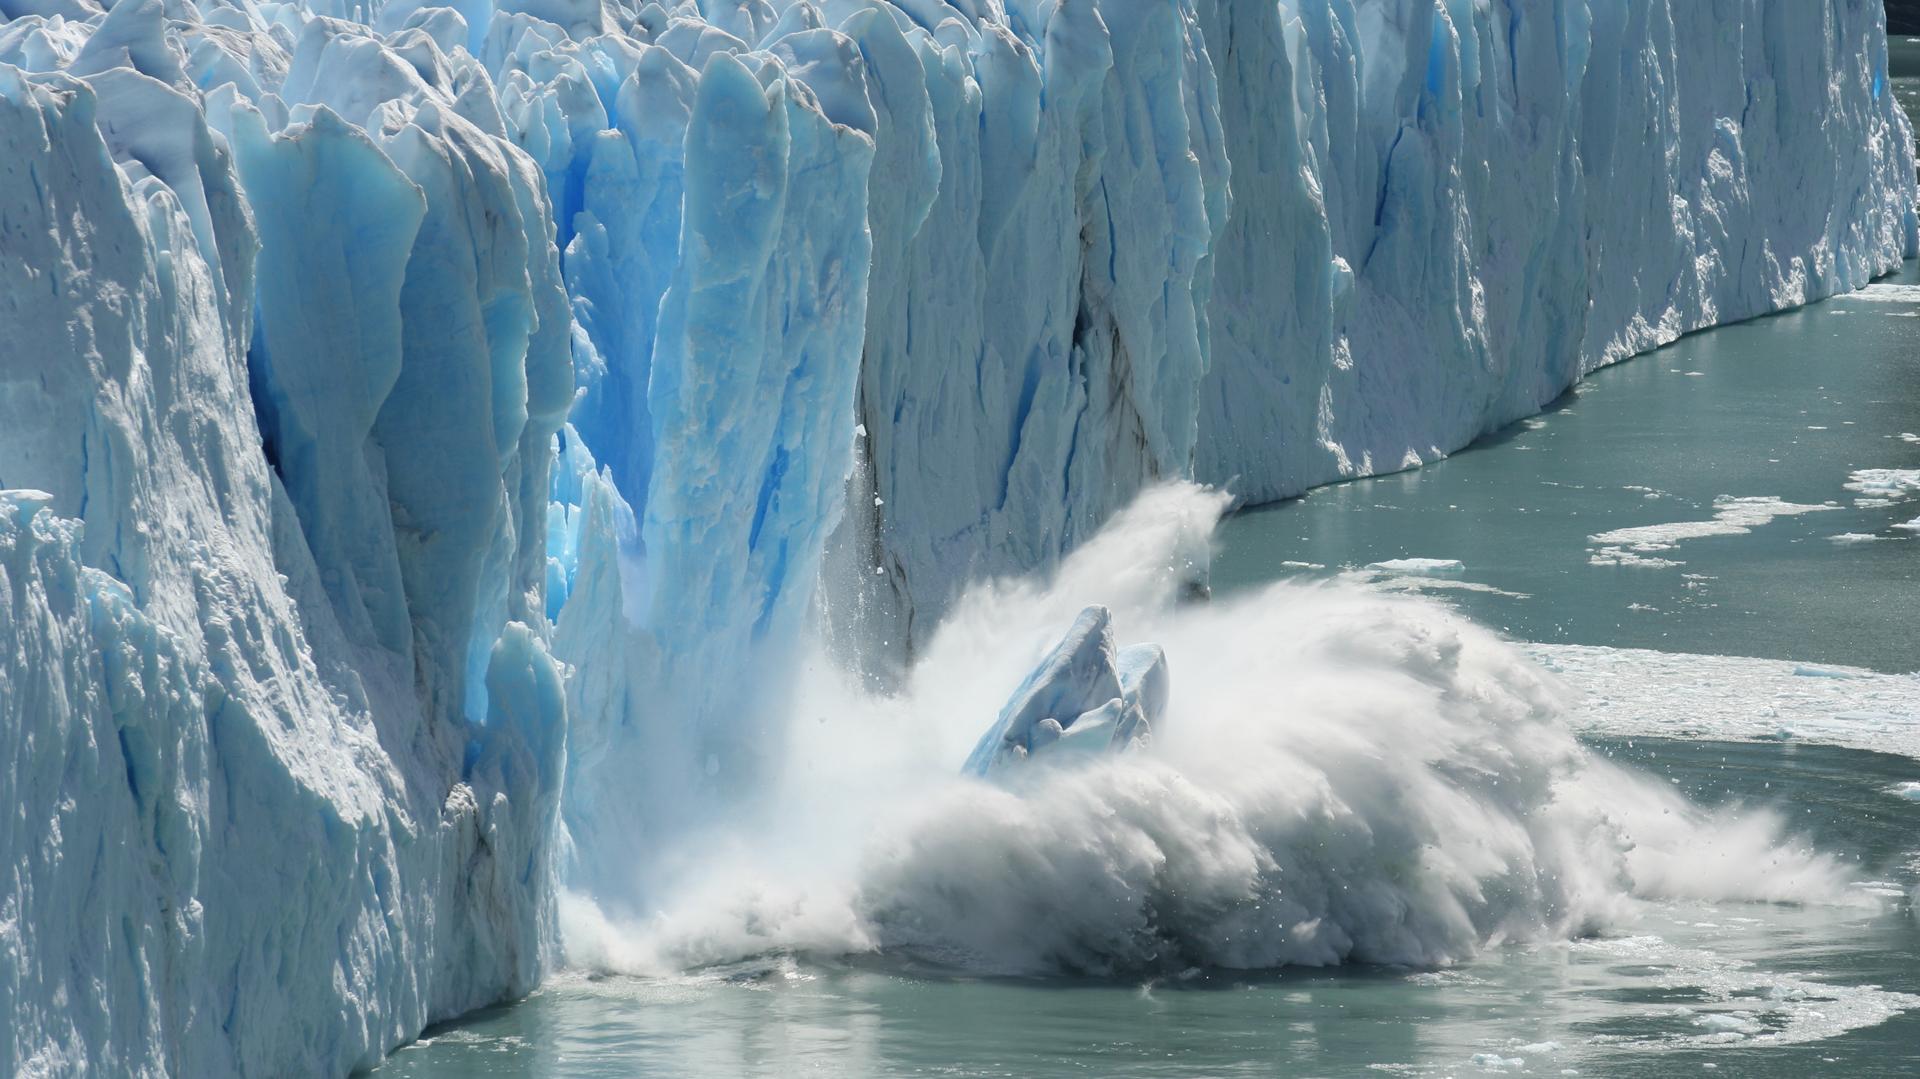 En 25 años habrá glaciares que dejarán de existir (iStock)